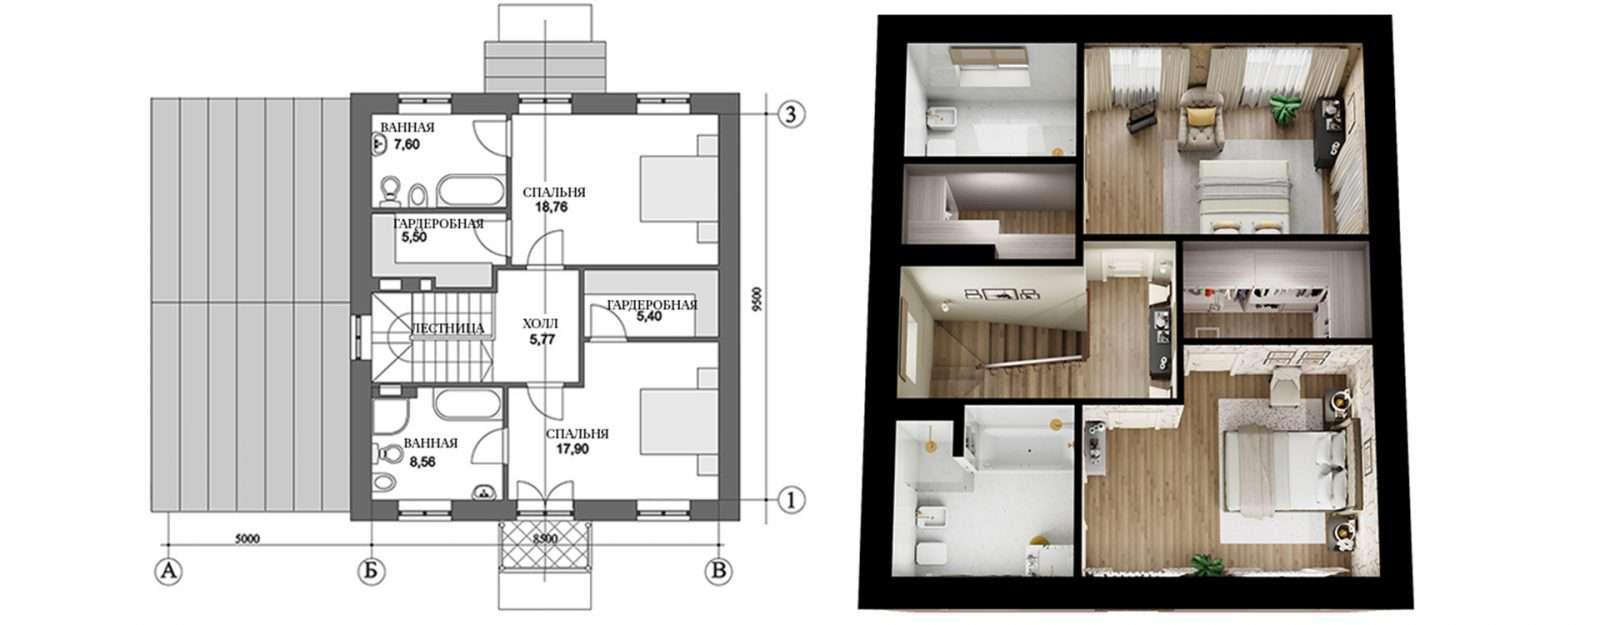 Коттедж «Агата» - план второго этажа